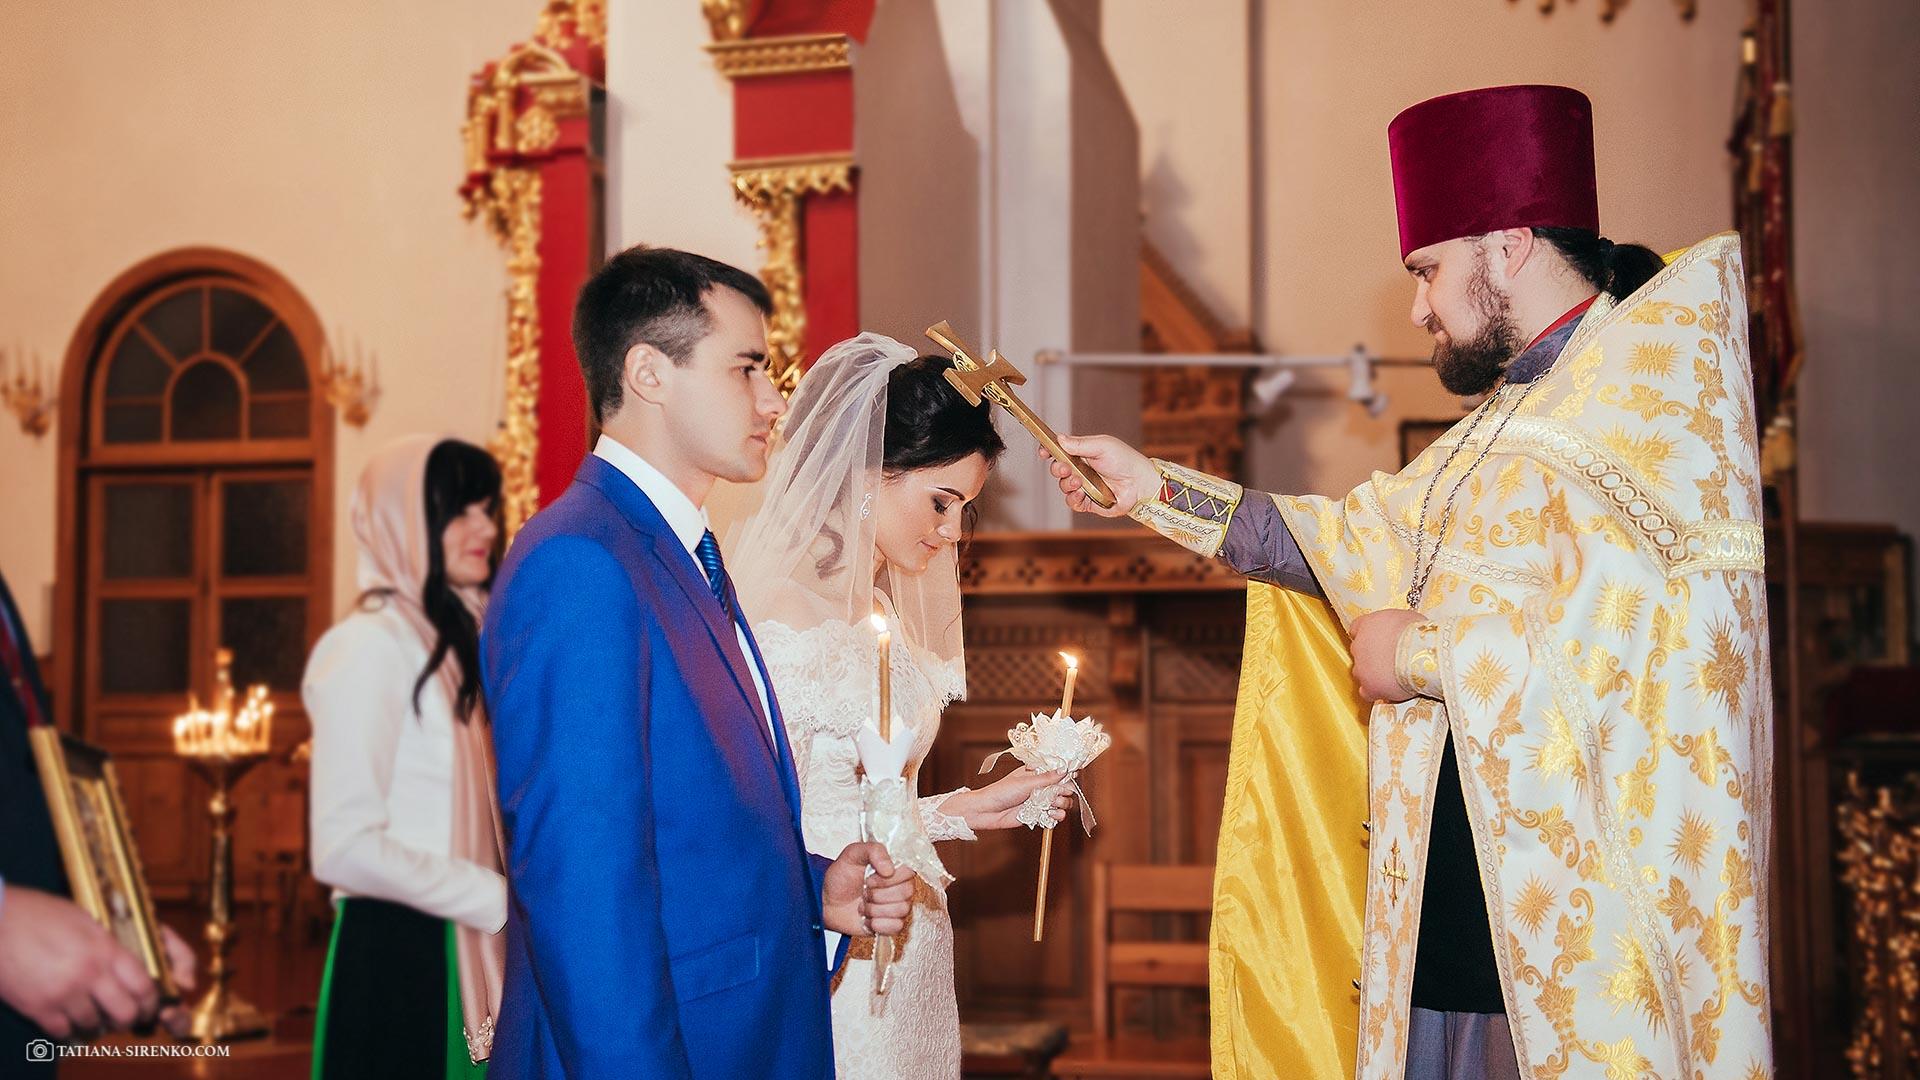 Стоимость фотографа на венчание